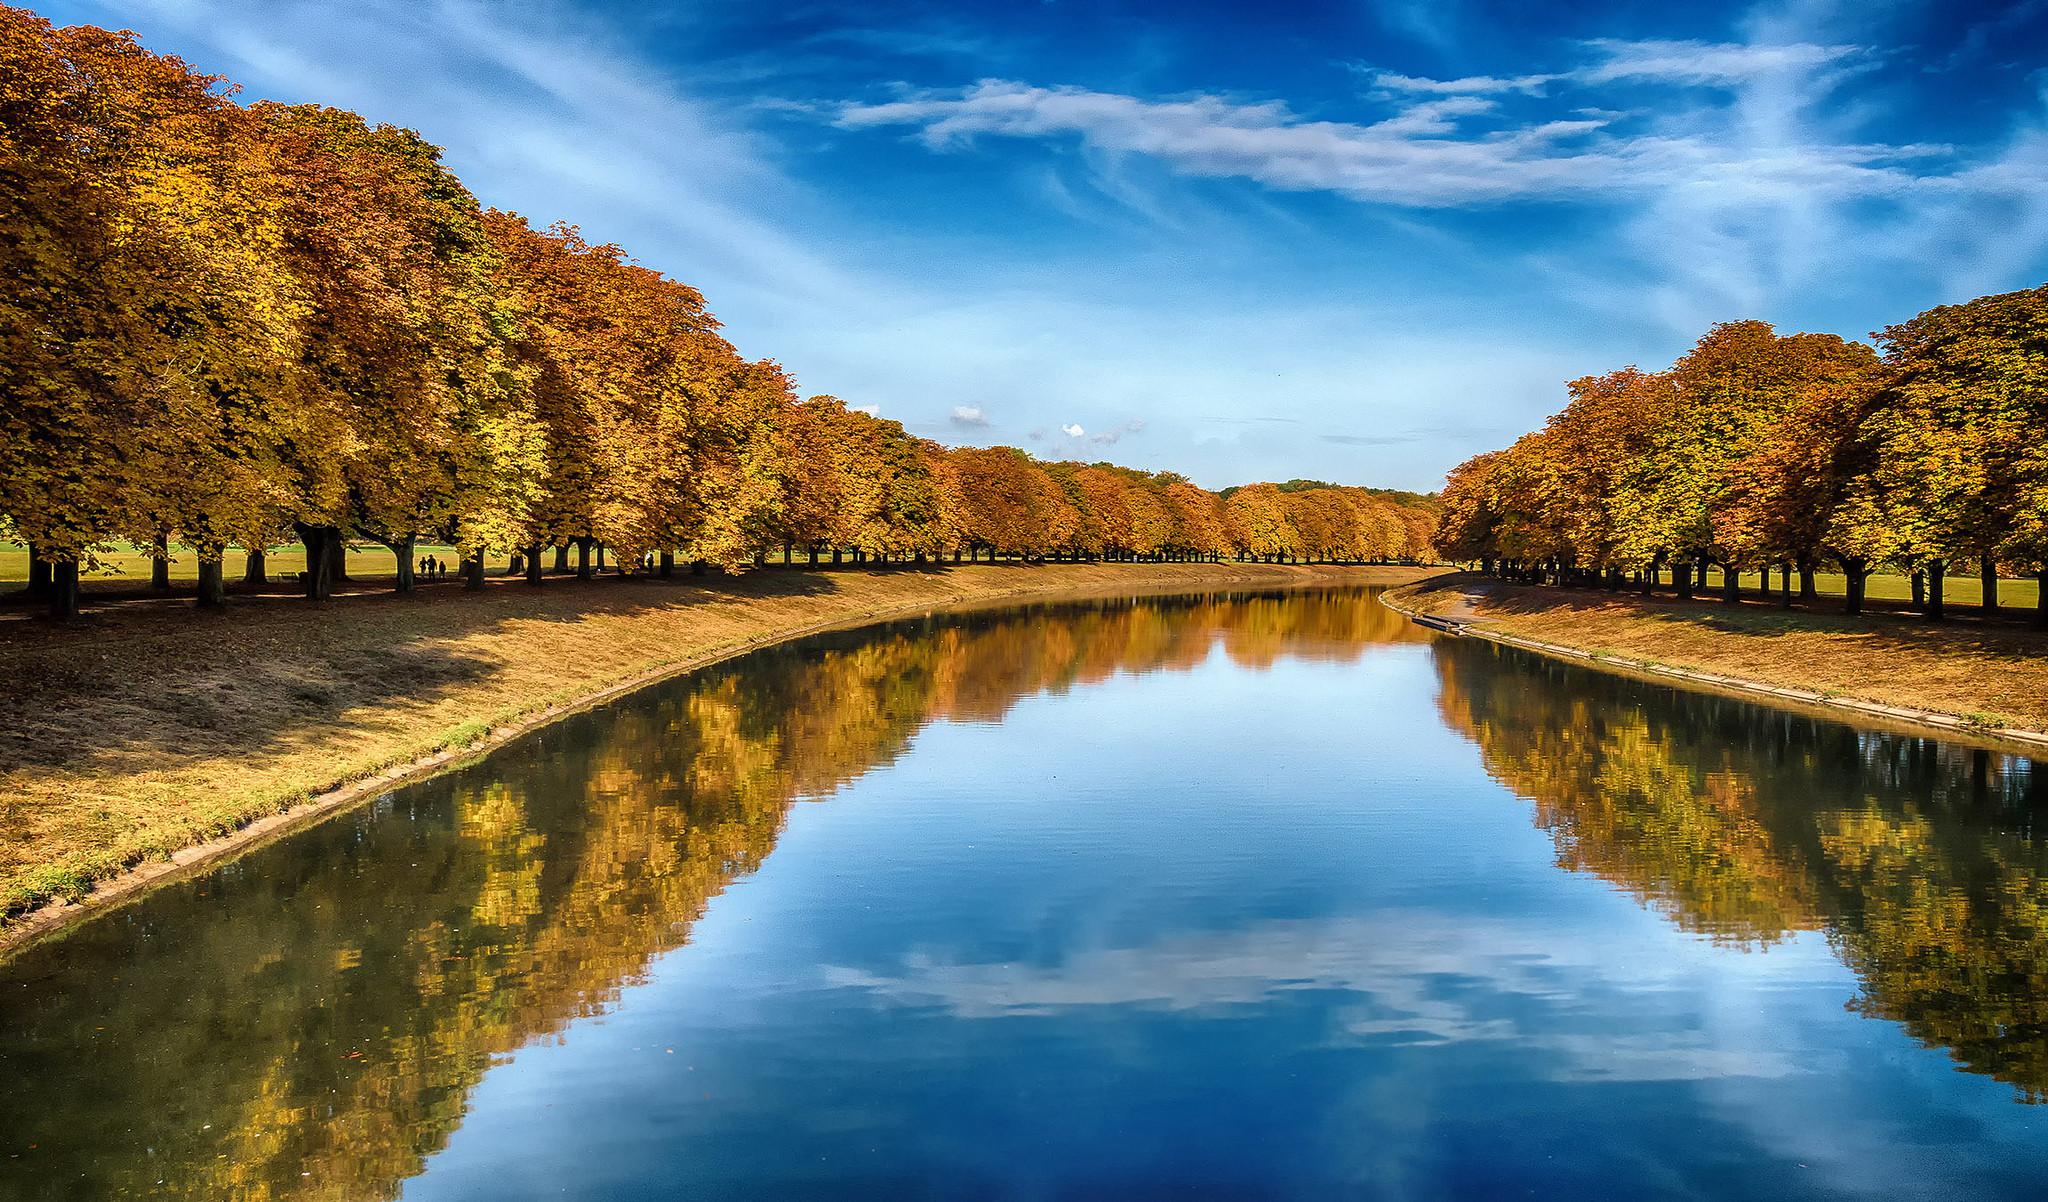 обои Германия, осень, река, парк картинки фото